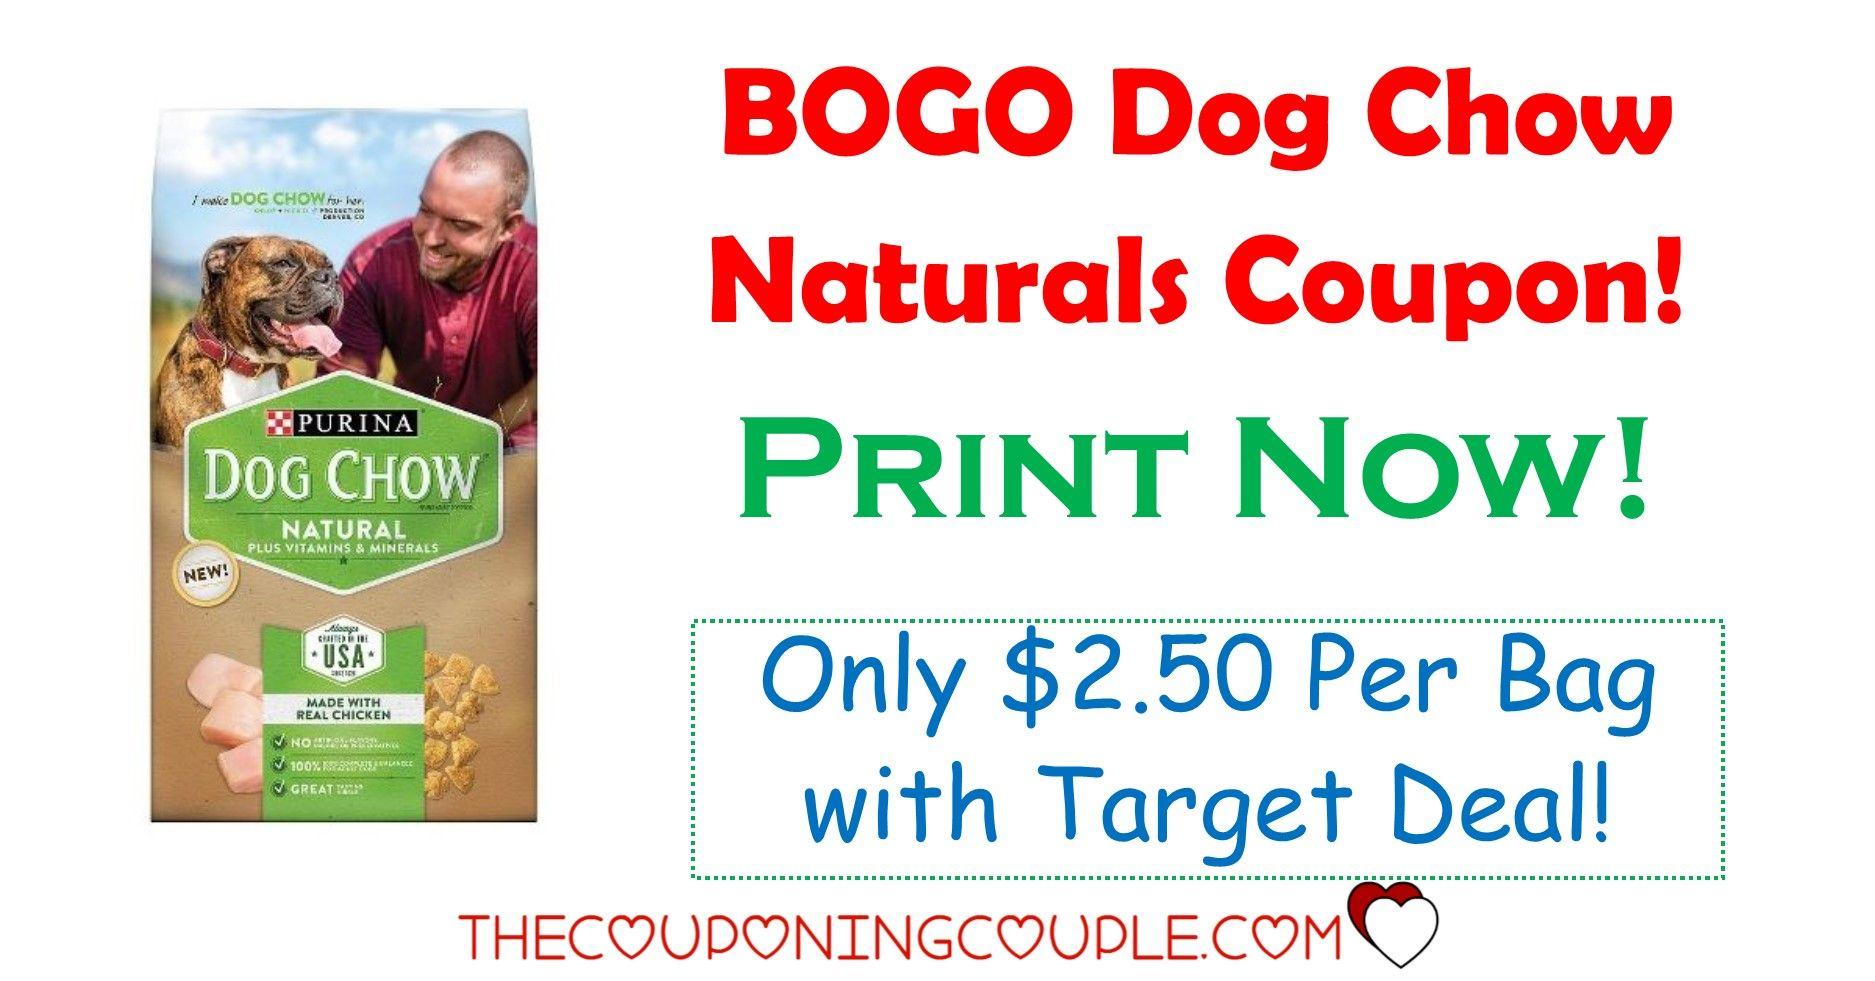 Bogo Purina Dog Chow Naturals Coupon Target Deal Purina Dog